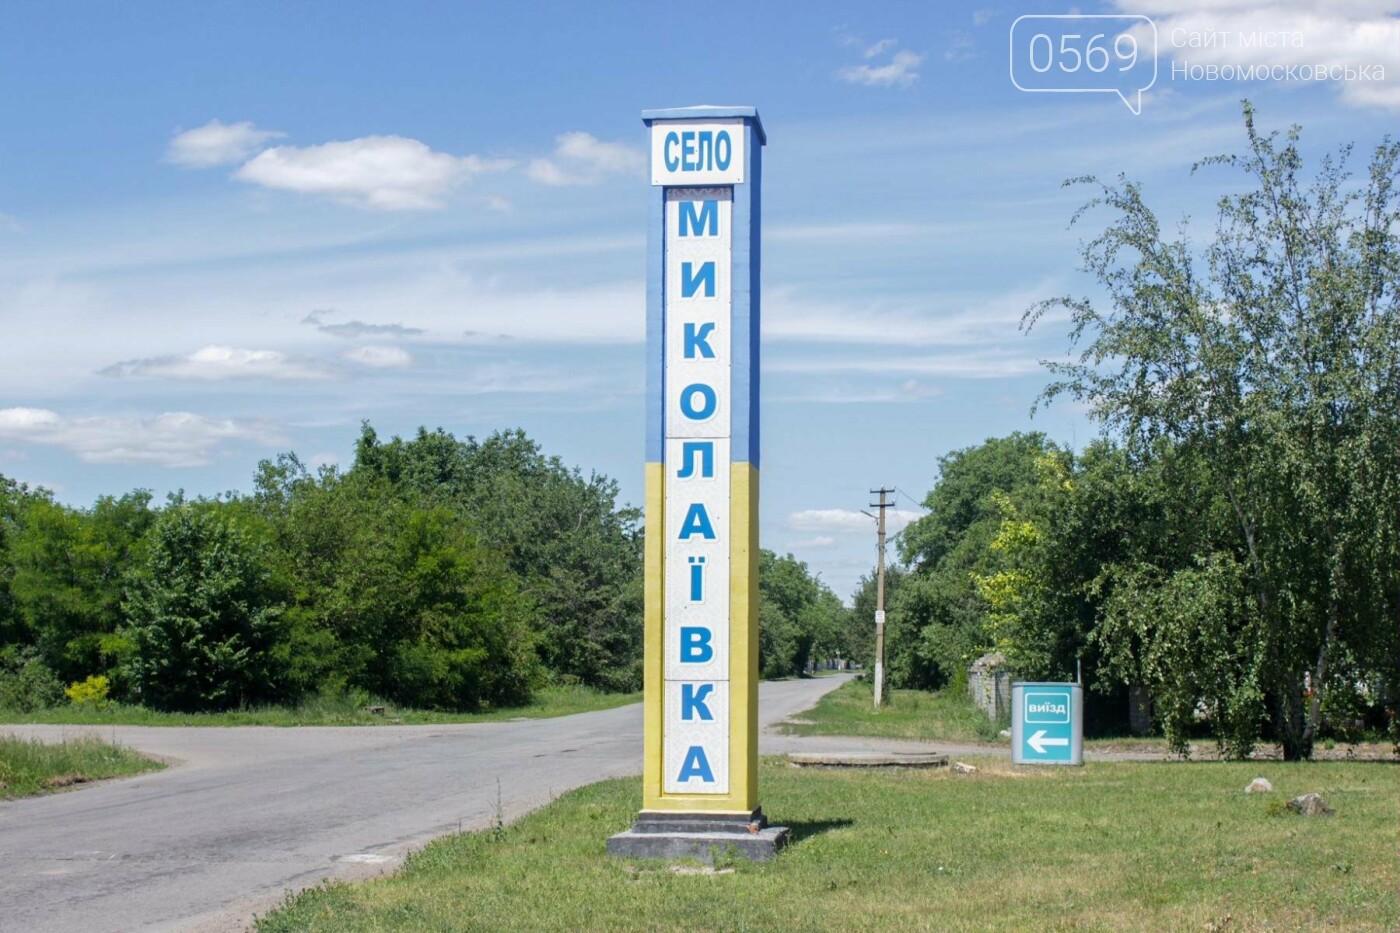 В селе на Новомосковщине отремонтировали две дороги, фото-6